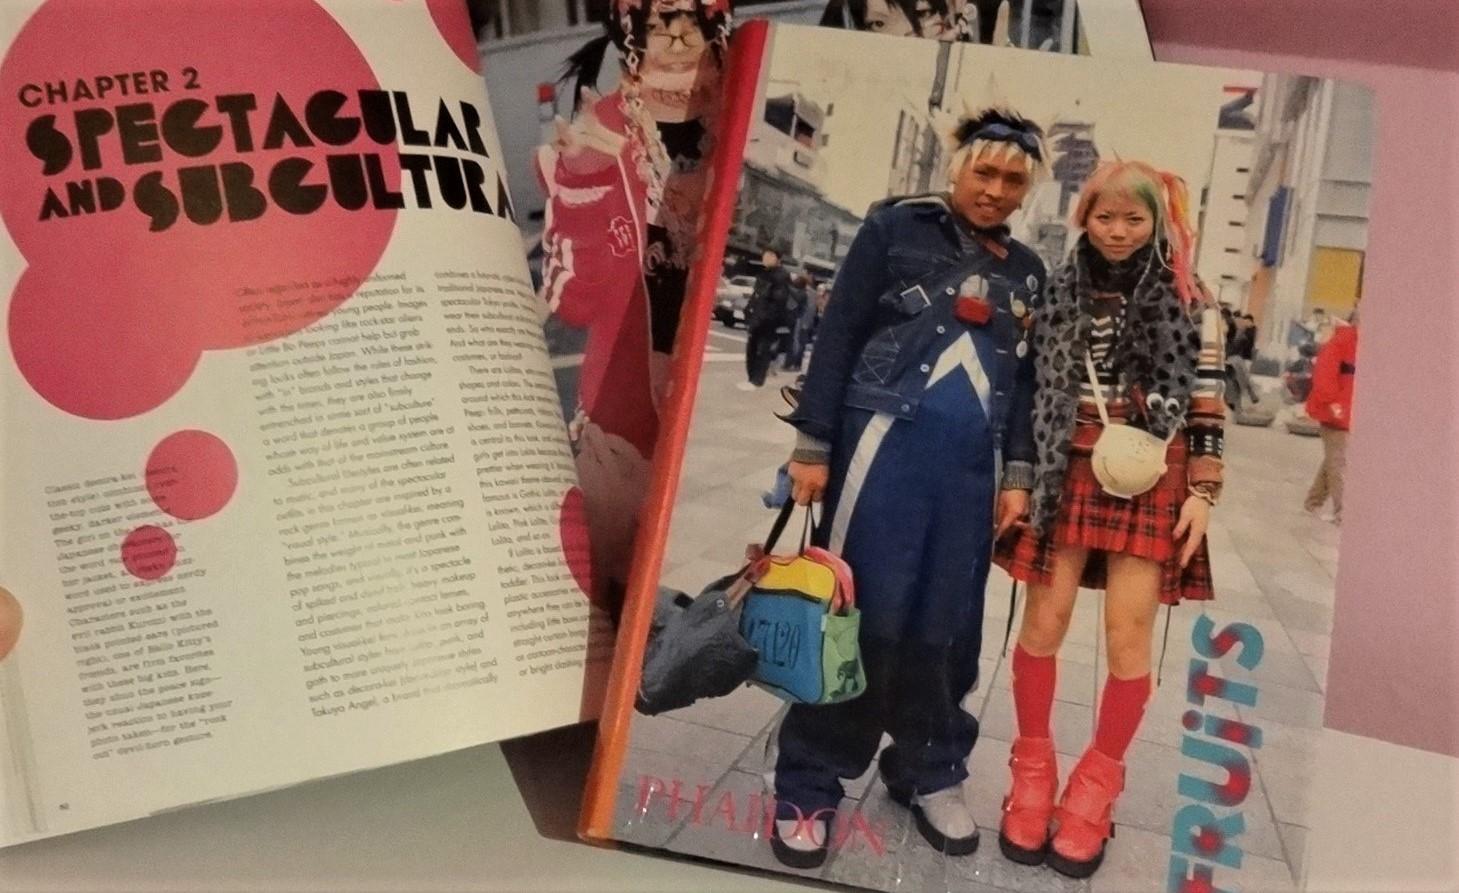 Le fil rouge livres lecture littérature étrangère Japon Fruits Shoichi Aoki mode photographie vêtements Tokyo Harajuku